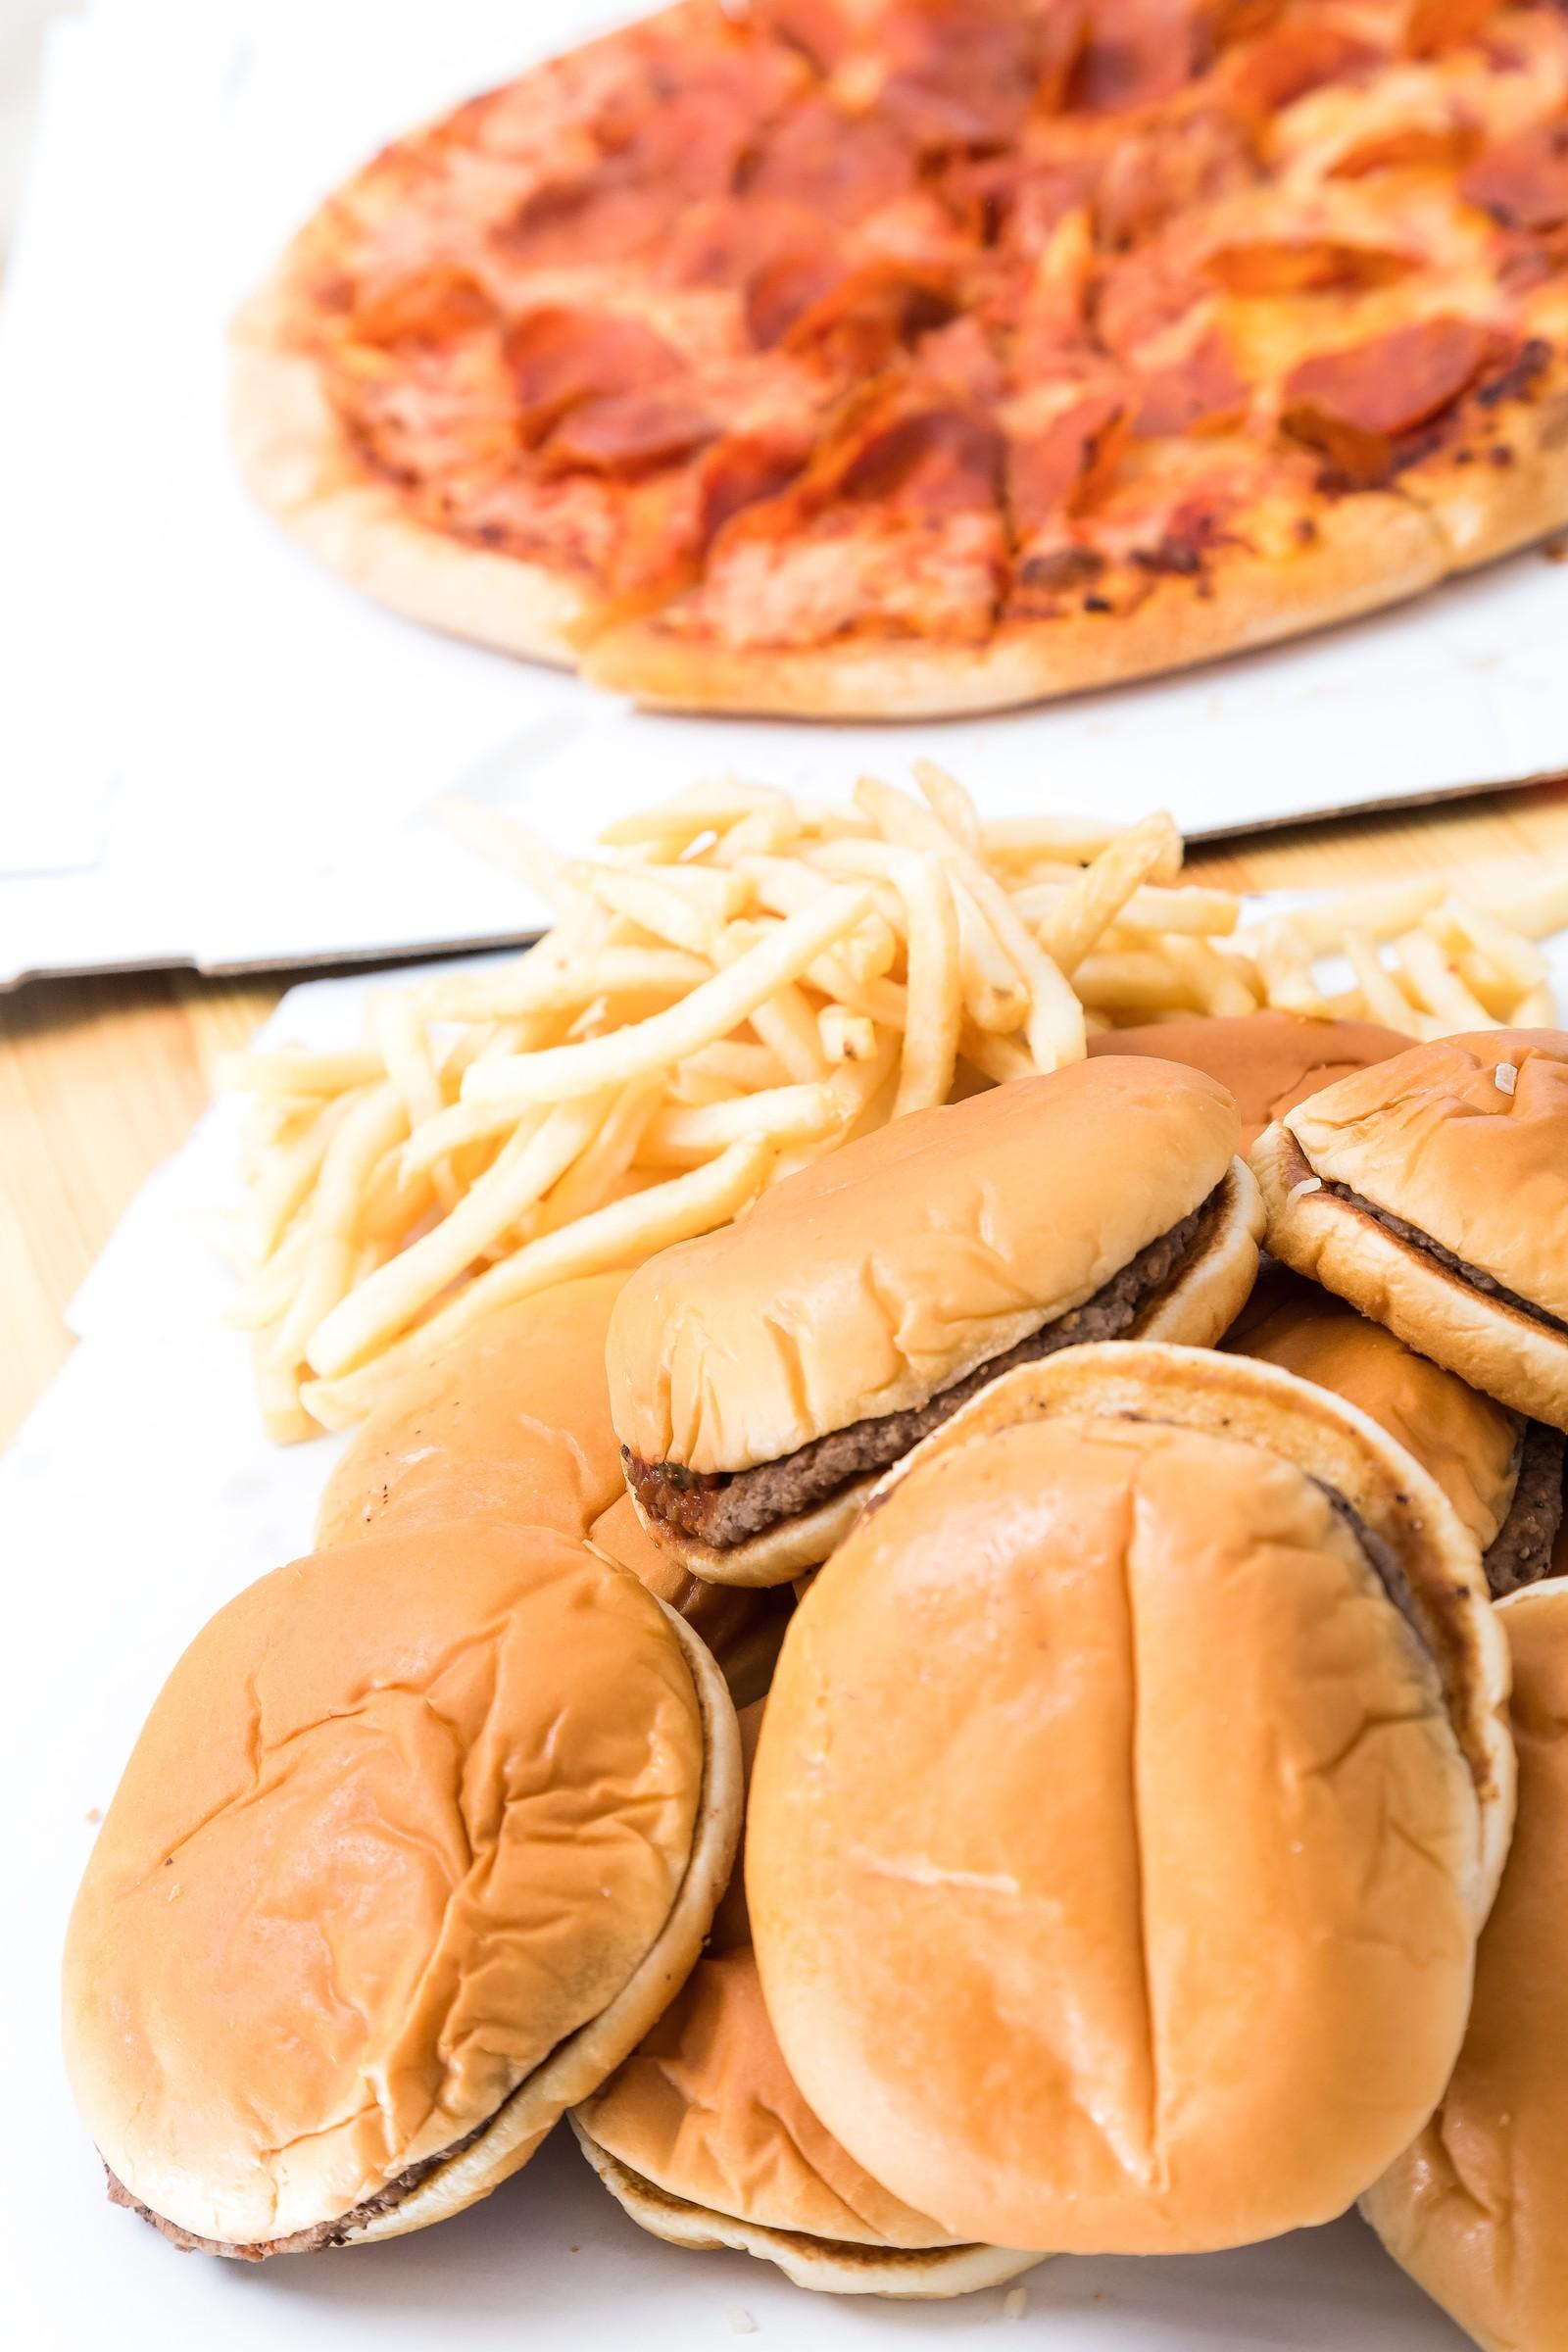 認知症予防の観点からダイエットを考える。認知症予防研究協会